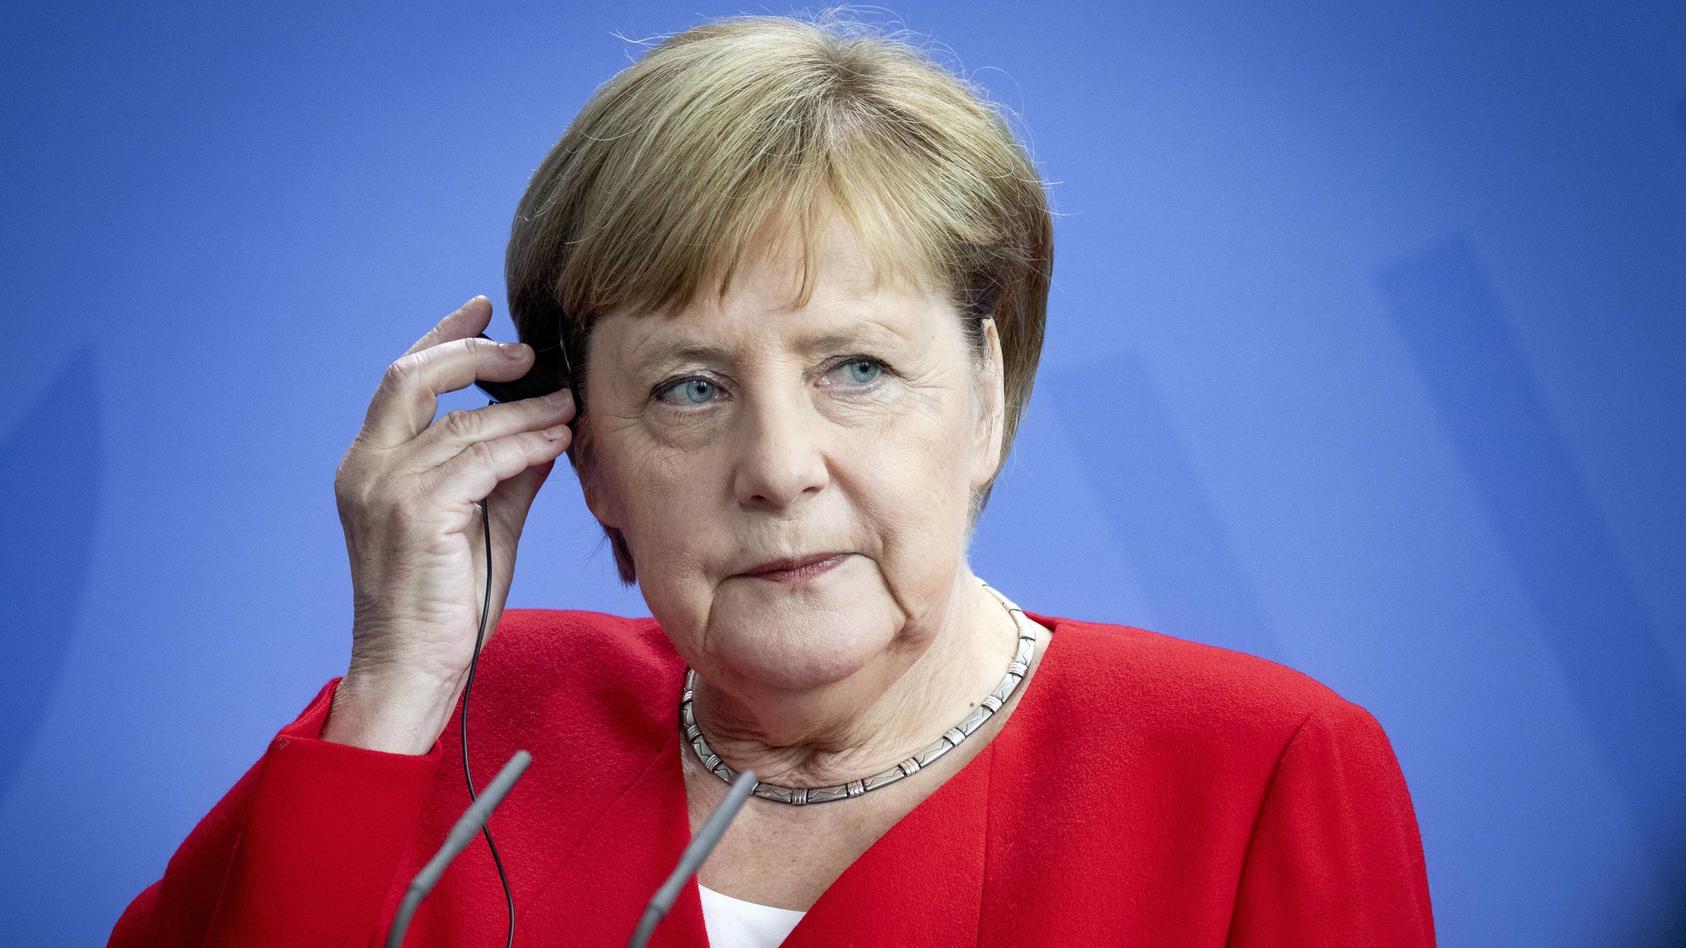 Bundeskanzlerin Angela Merkel wird 65 Jahre alt.